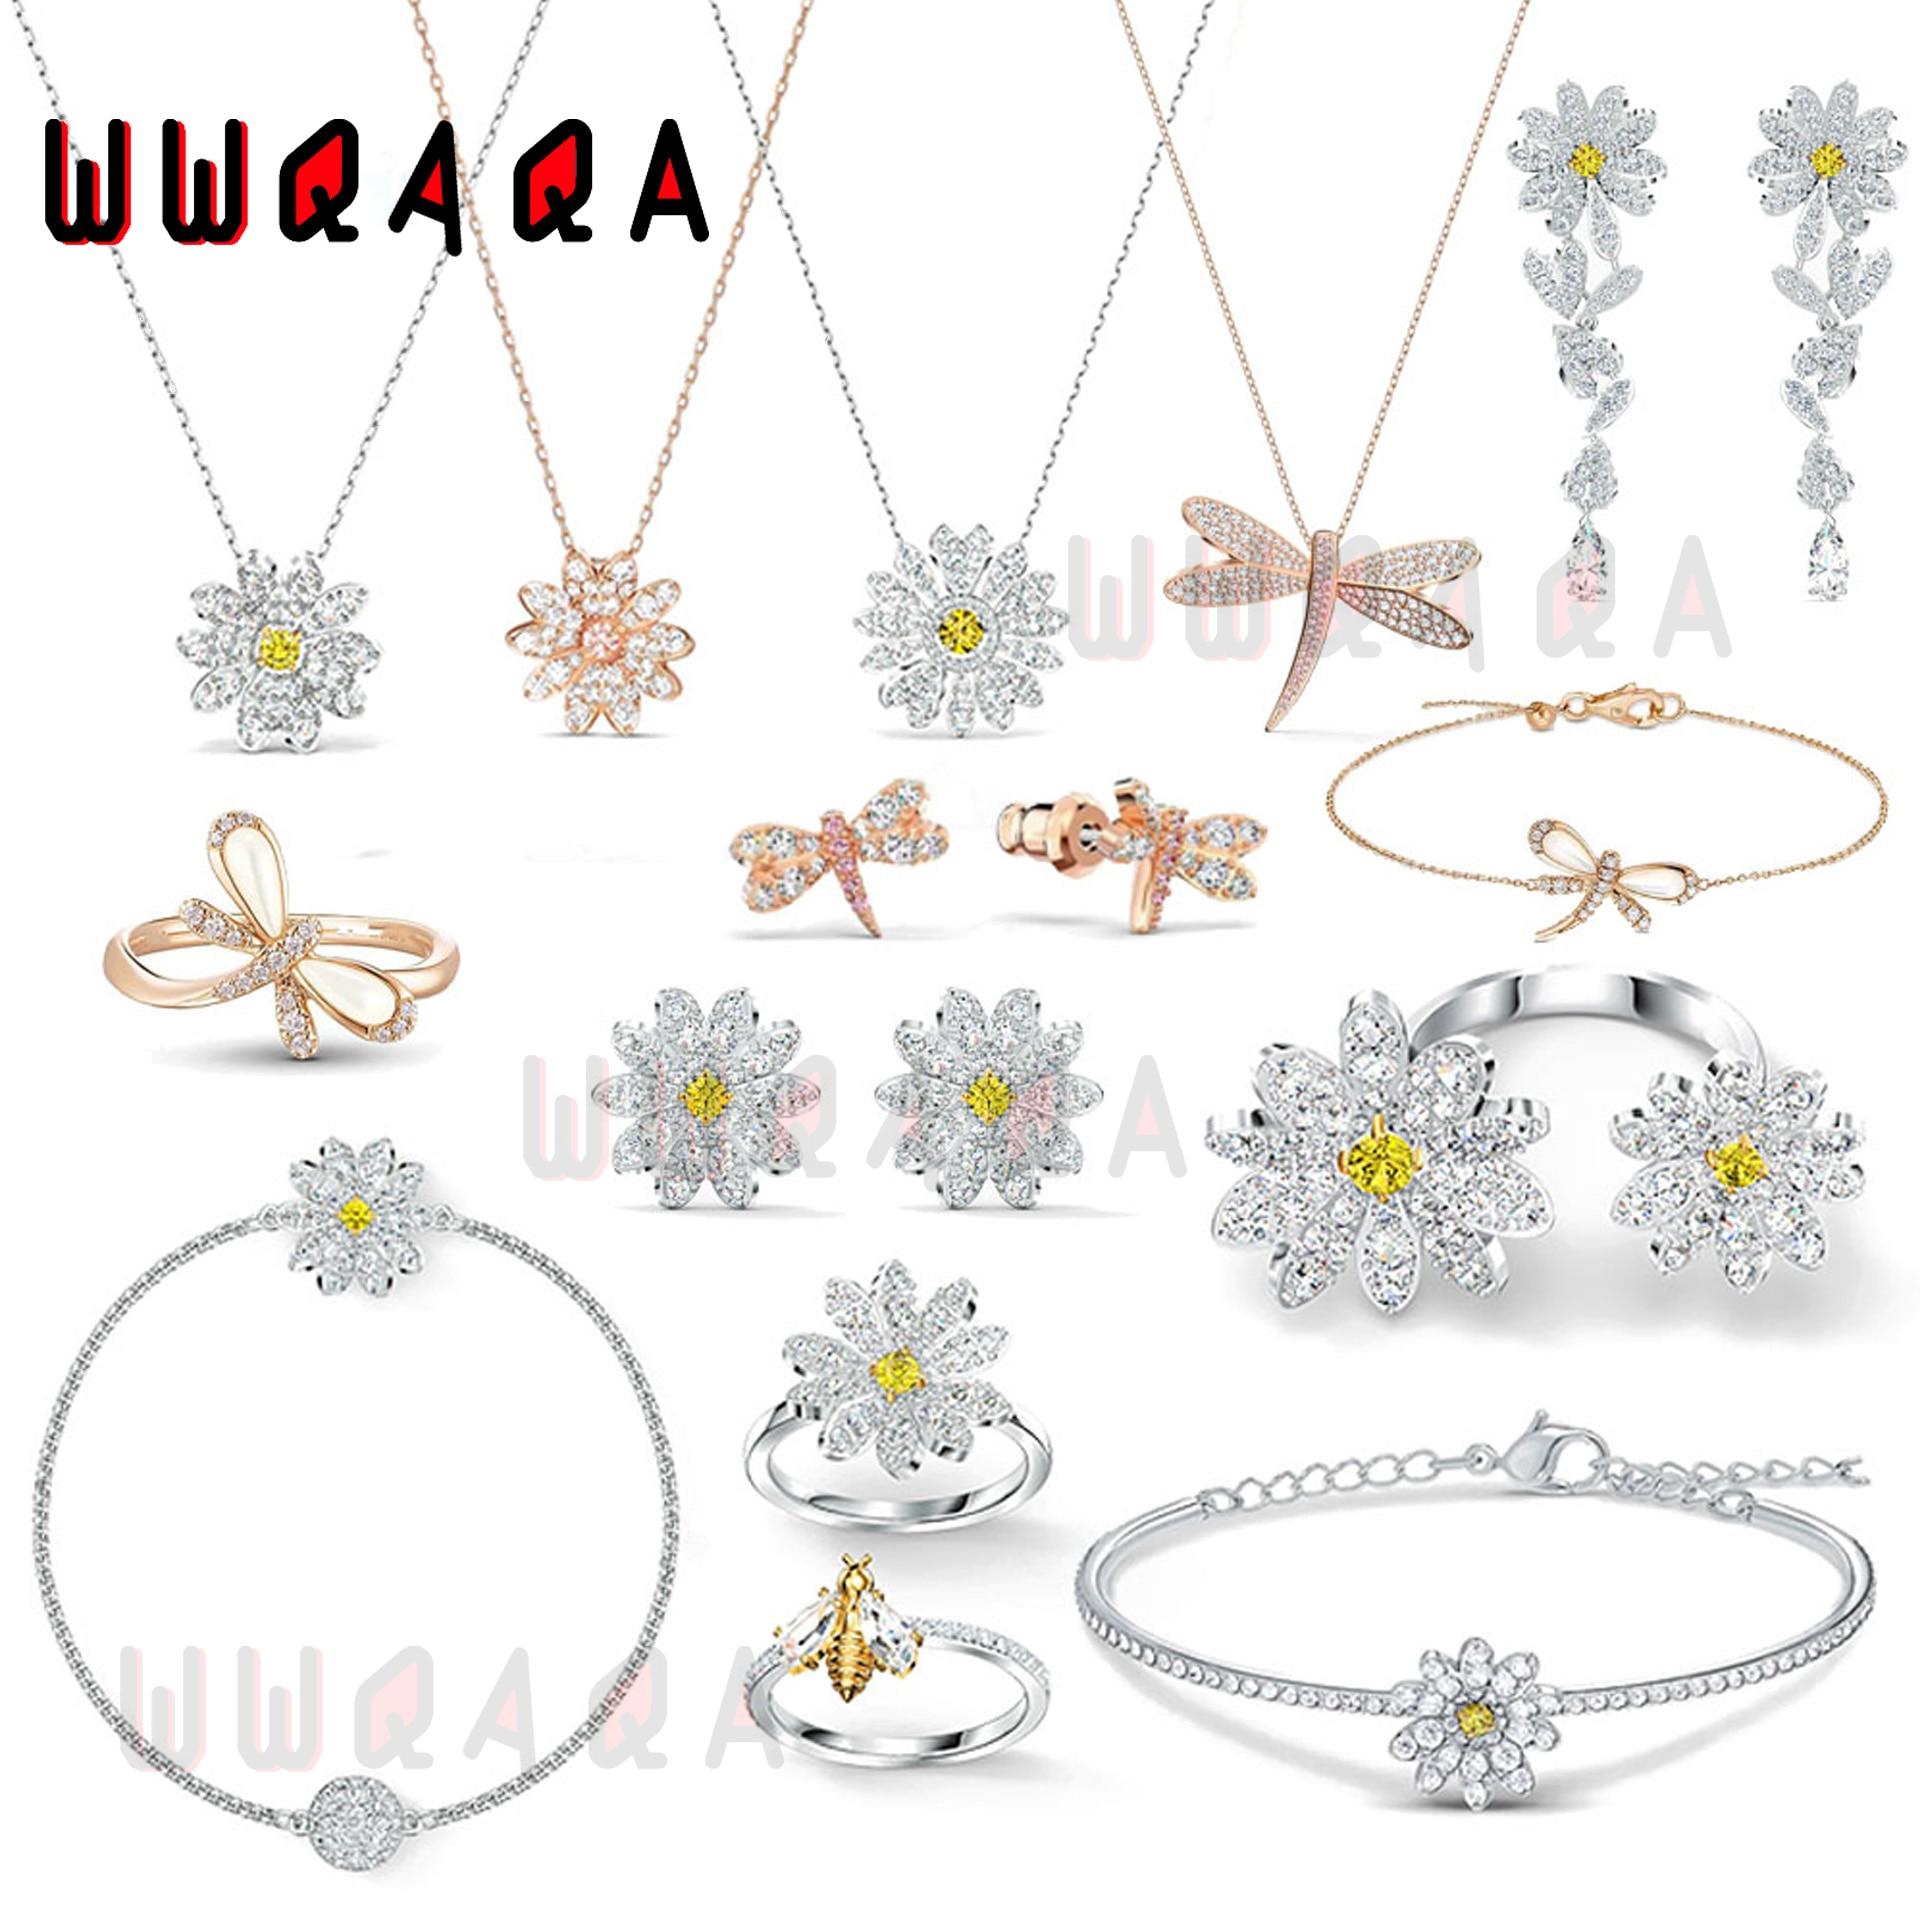 Модные-ювелирные-изделия-из-бутика-swa-набор-серии-вечный-цветок-маргаритки-женские-серьги-ожерелье-браслет-кольцо-романтический-подаро